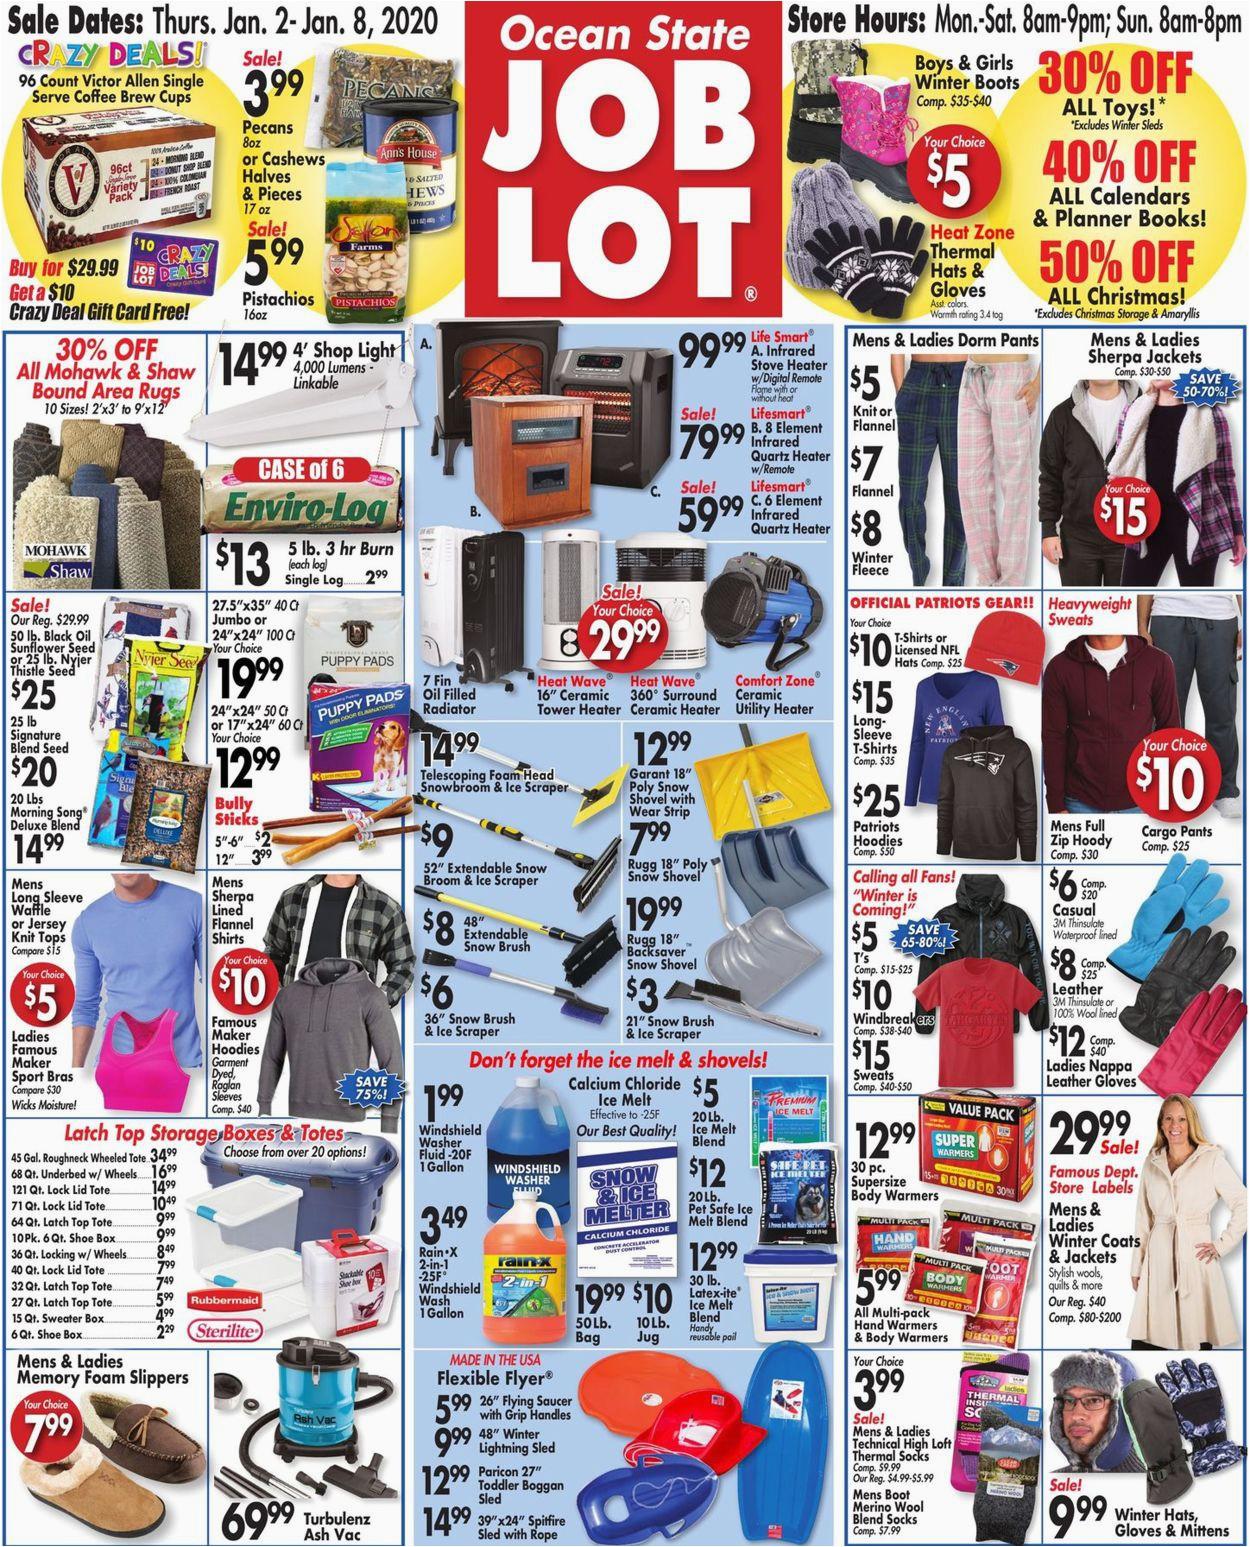 ocean state job lot weekly ad COYPc51p4b 0